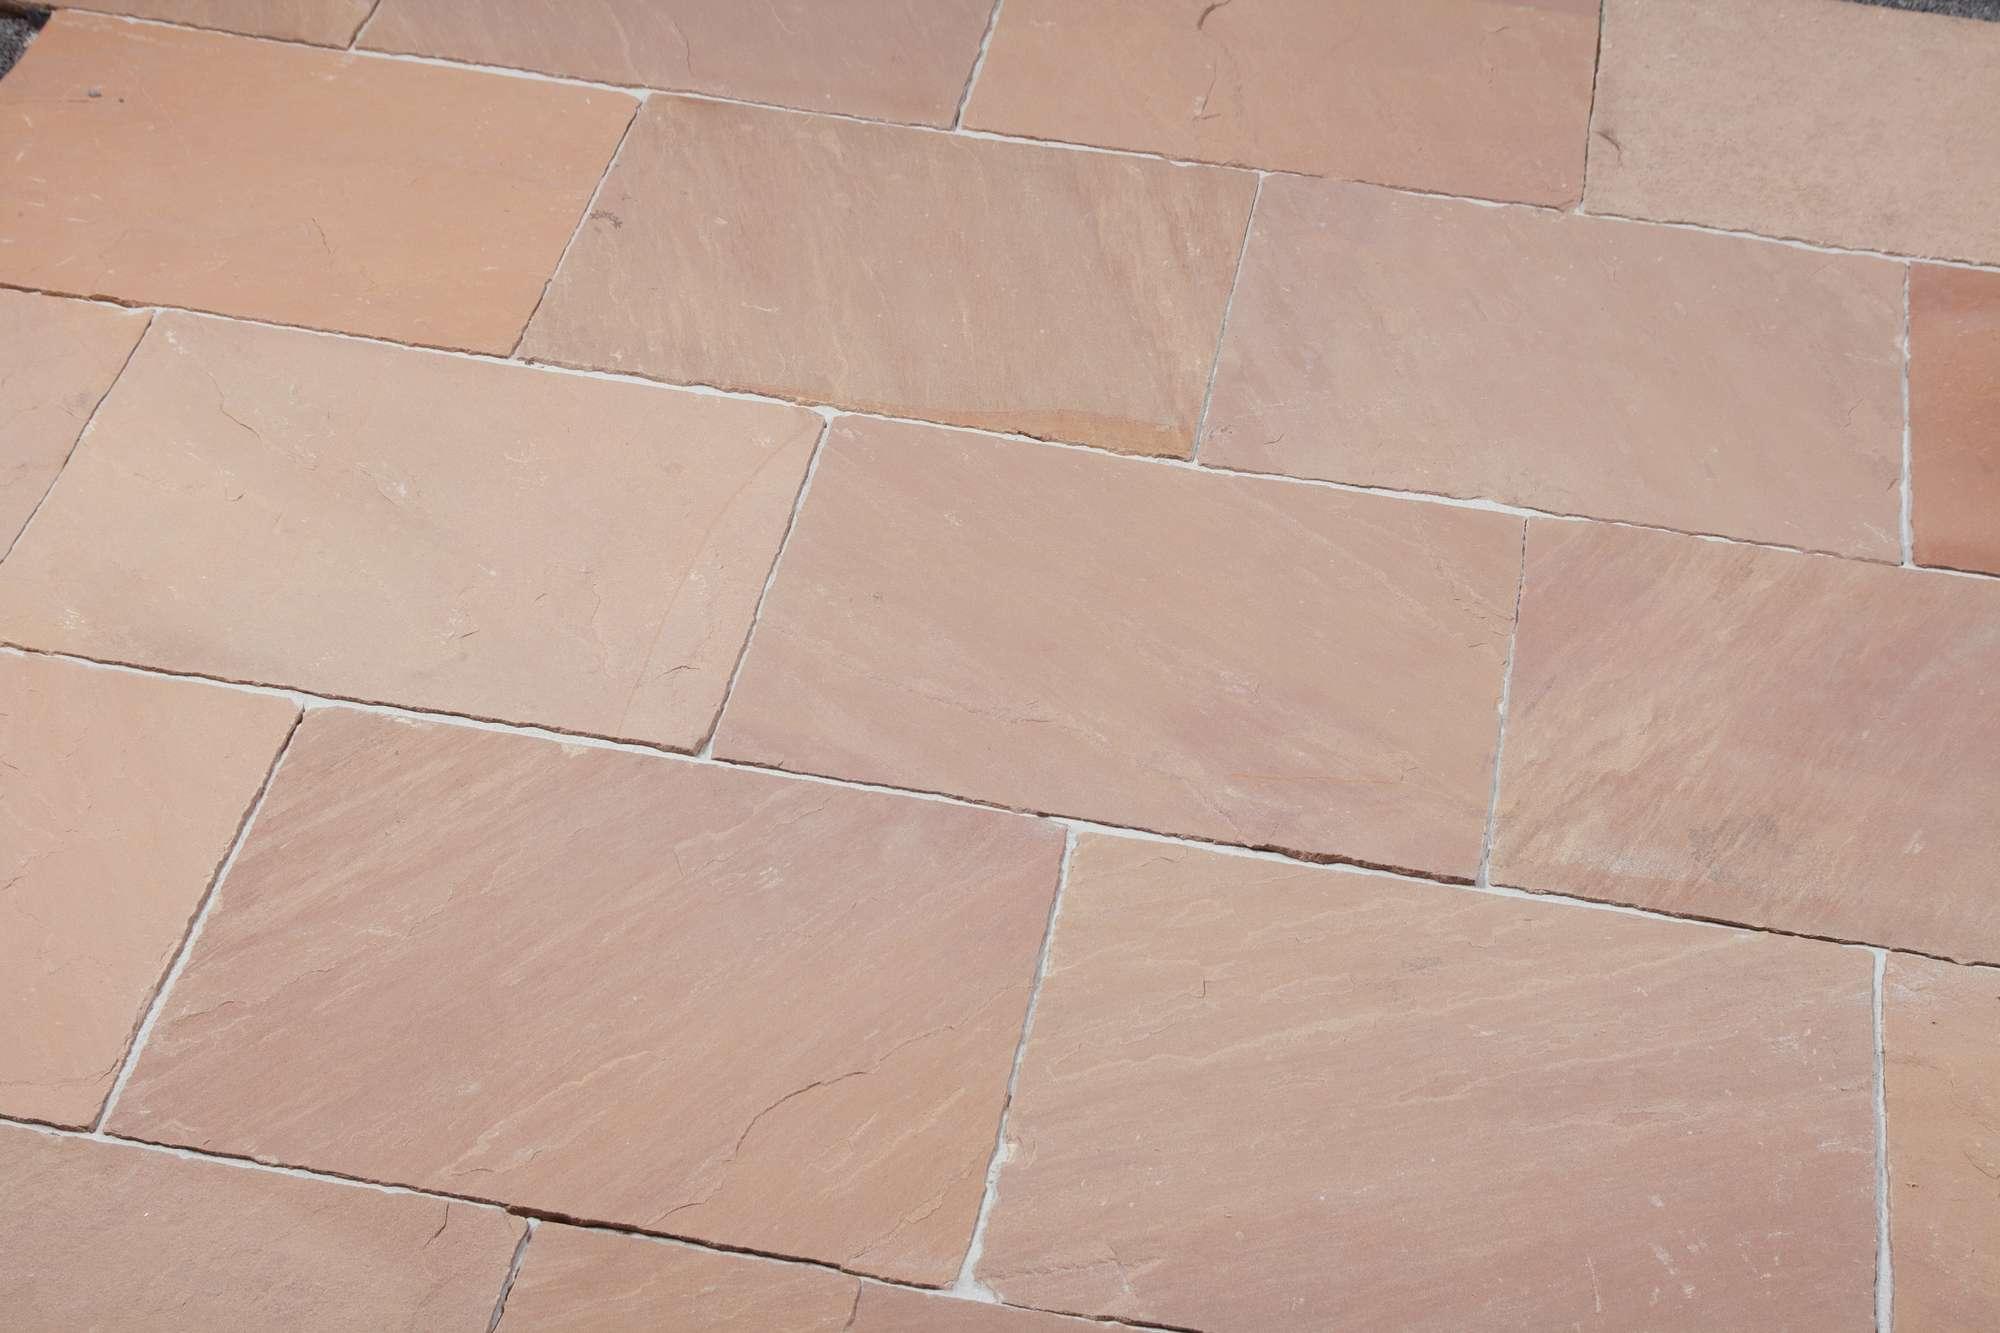 terrassenplatten sandstein modak spaltrau naturstein. Black Bedroom Furniture Sets. Home Design Ideas